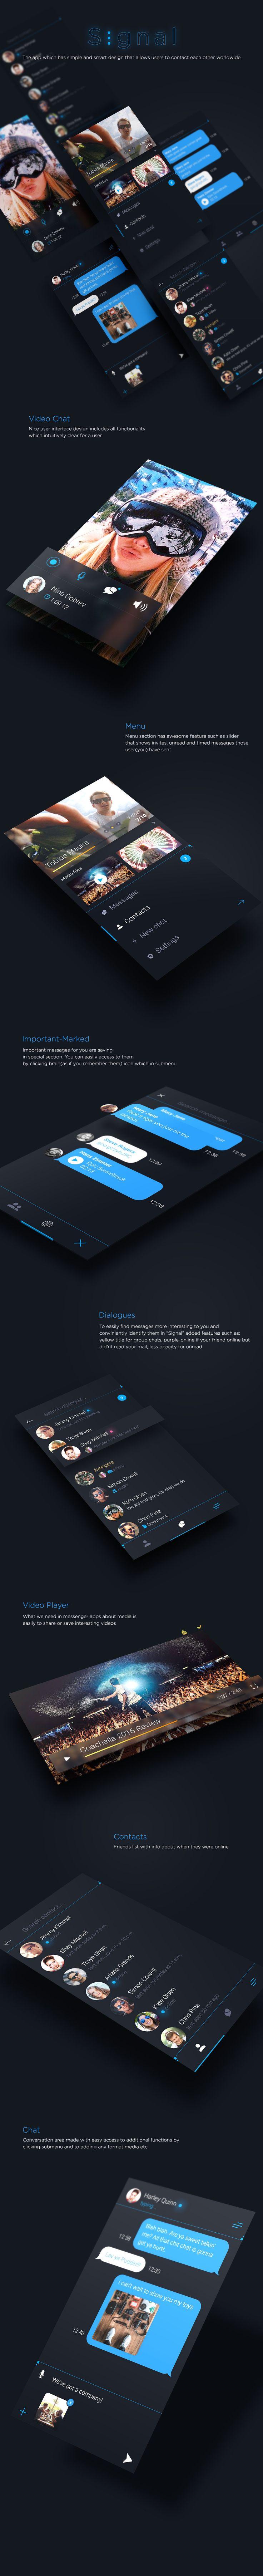 Vedi questo progetto @Behance: \u201cSignal - Messenger App\u201d https://www.behance.net/gallery/42406399/Signal-Messenger-App